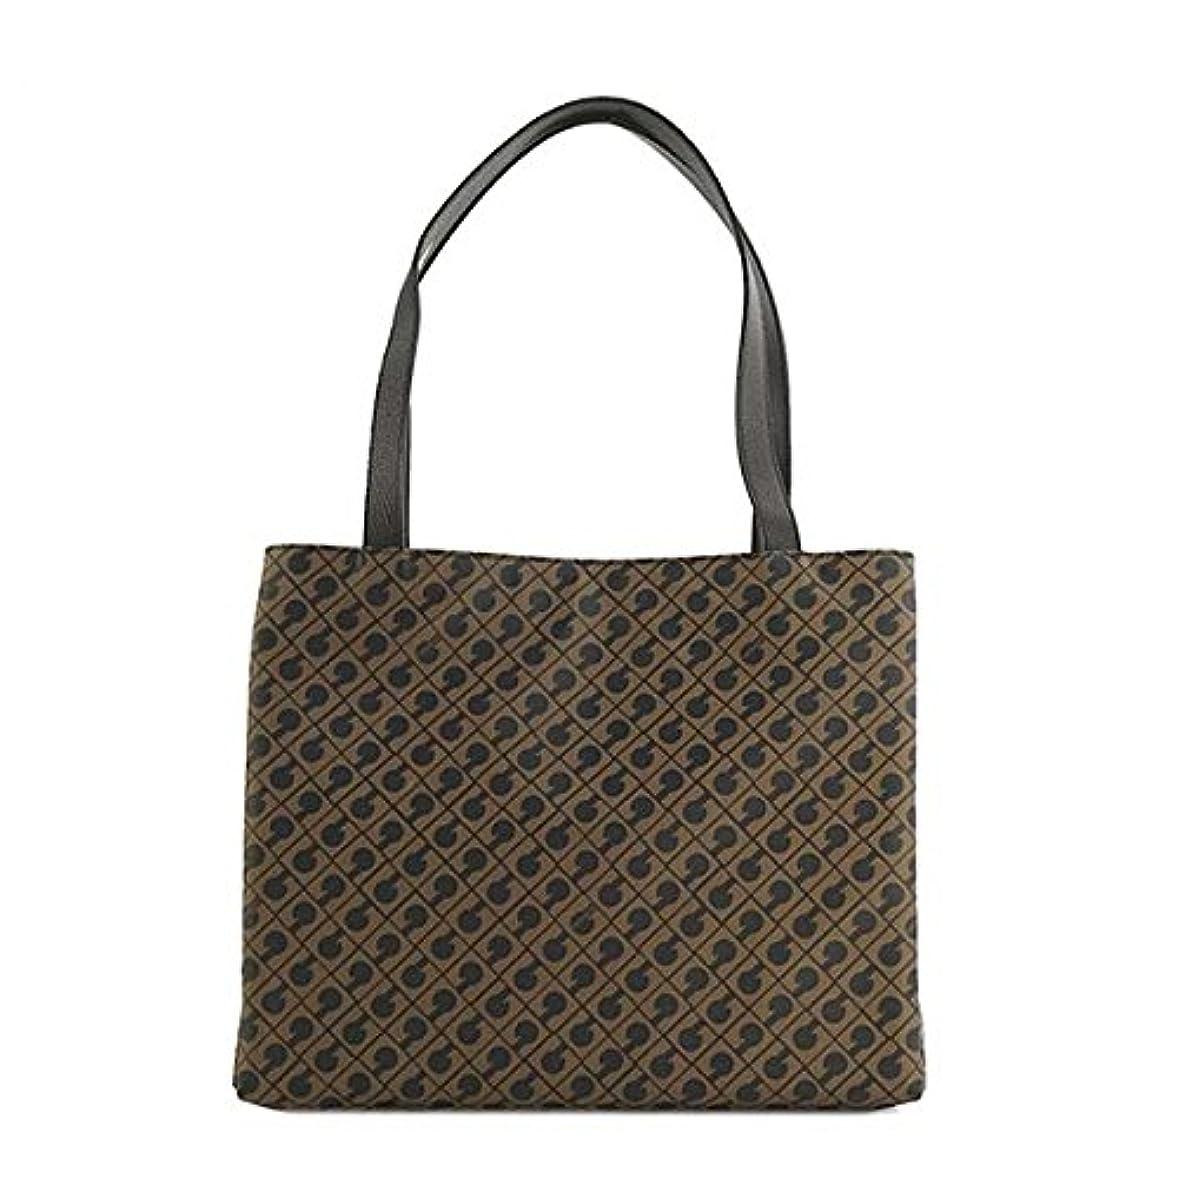 香ばしい押し下げるオープナー(ゲラルディーニ) GHERARDINI SHOPPING BAG ショルダーバッグ #GH0222 TABACCO/MOKA 並行輸入品